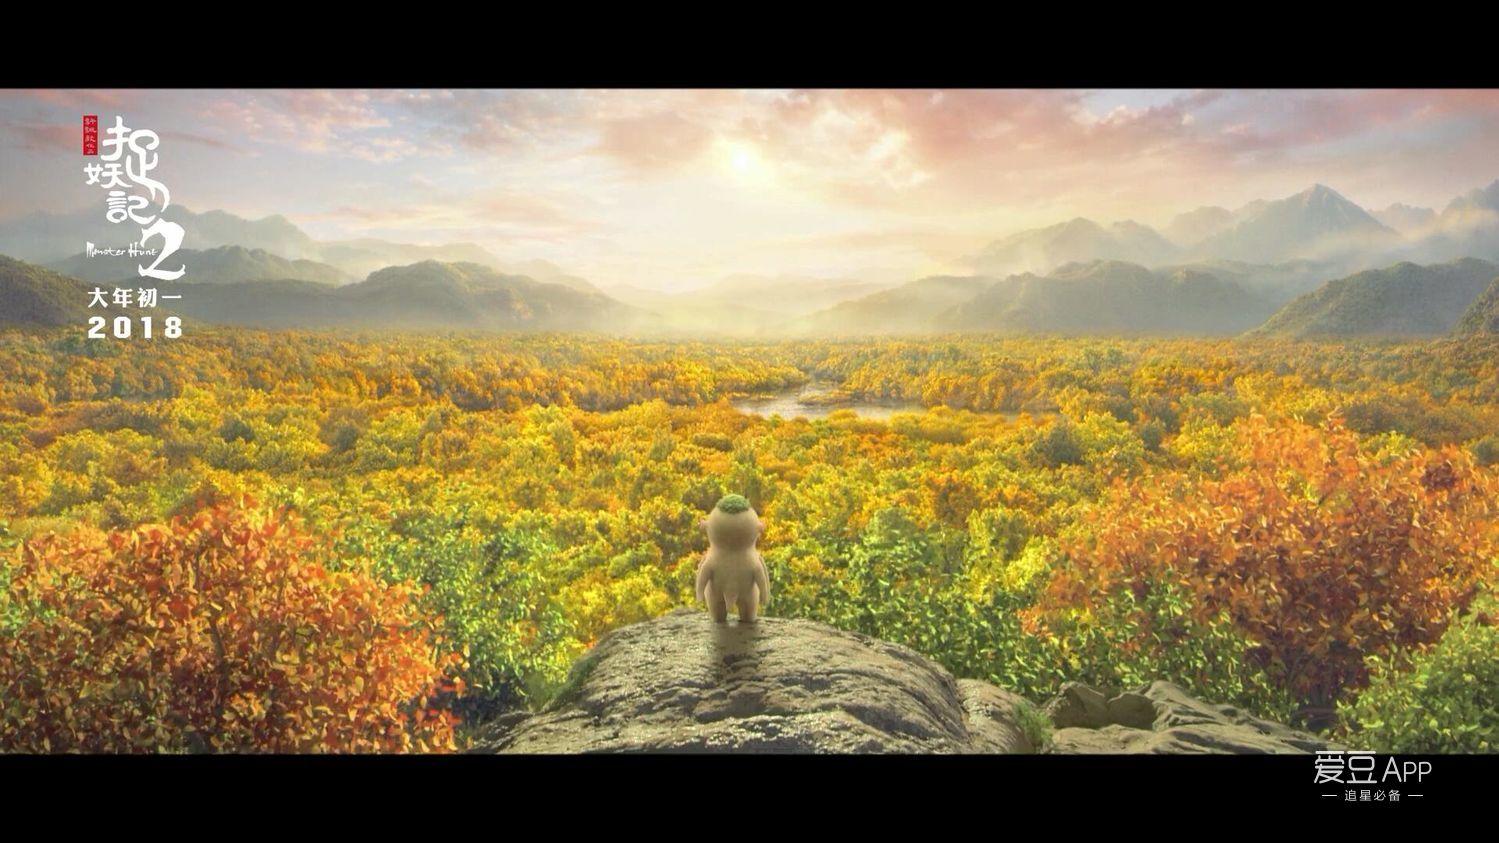 [消息]《捉妖记2》预售票房破2亿 创中国影史首